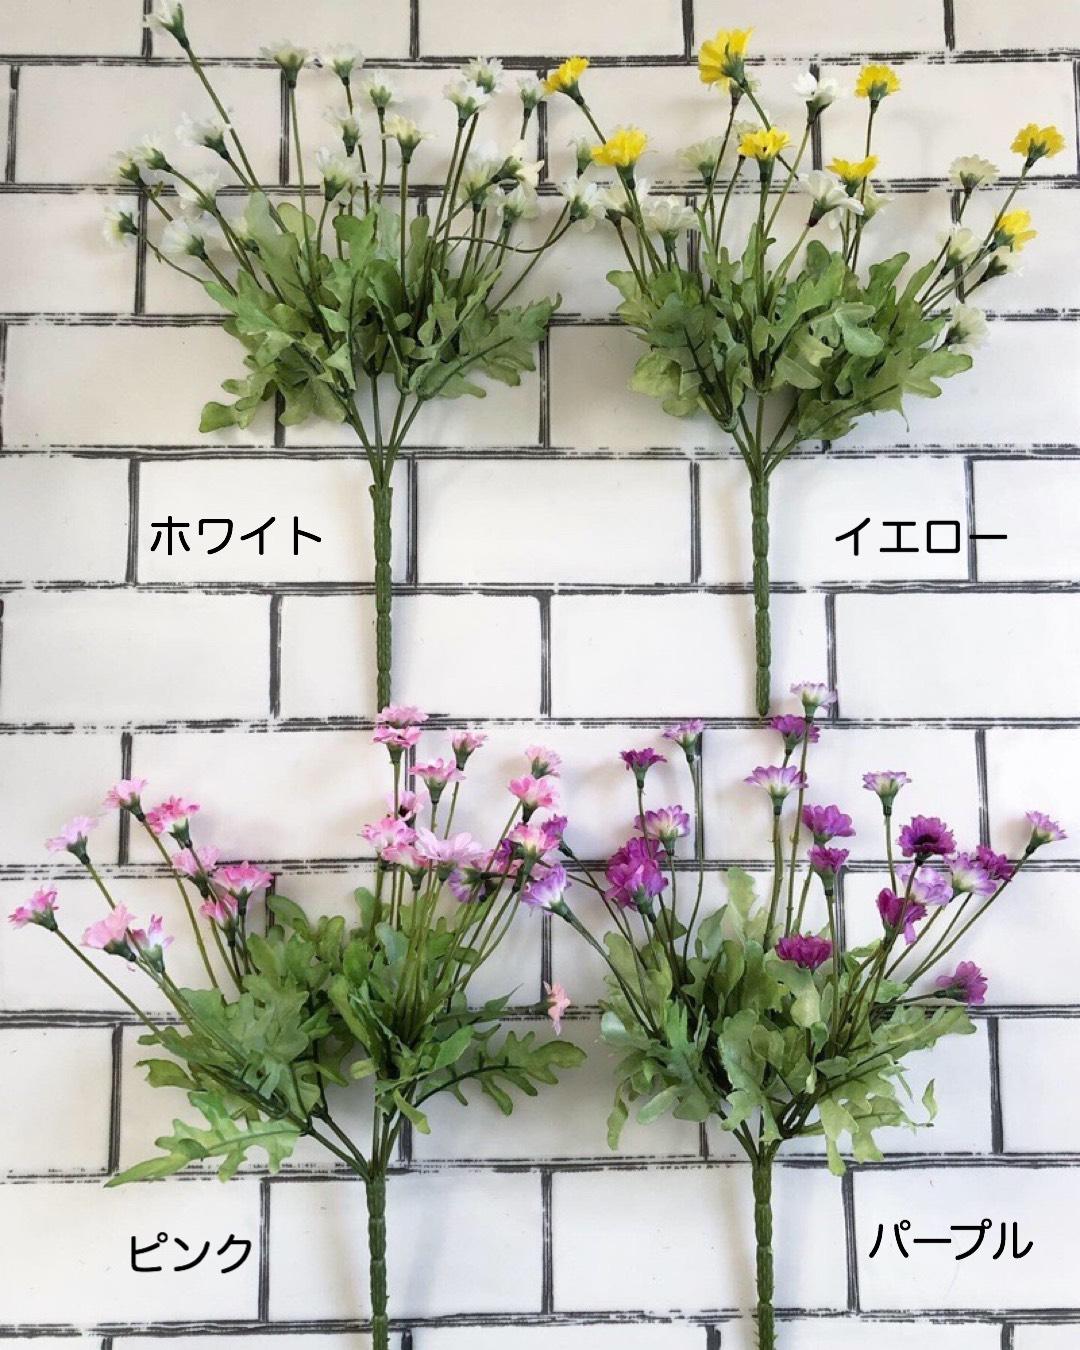 道端に咲く小花(イエロー)